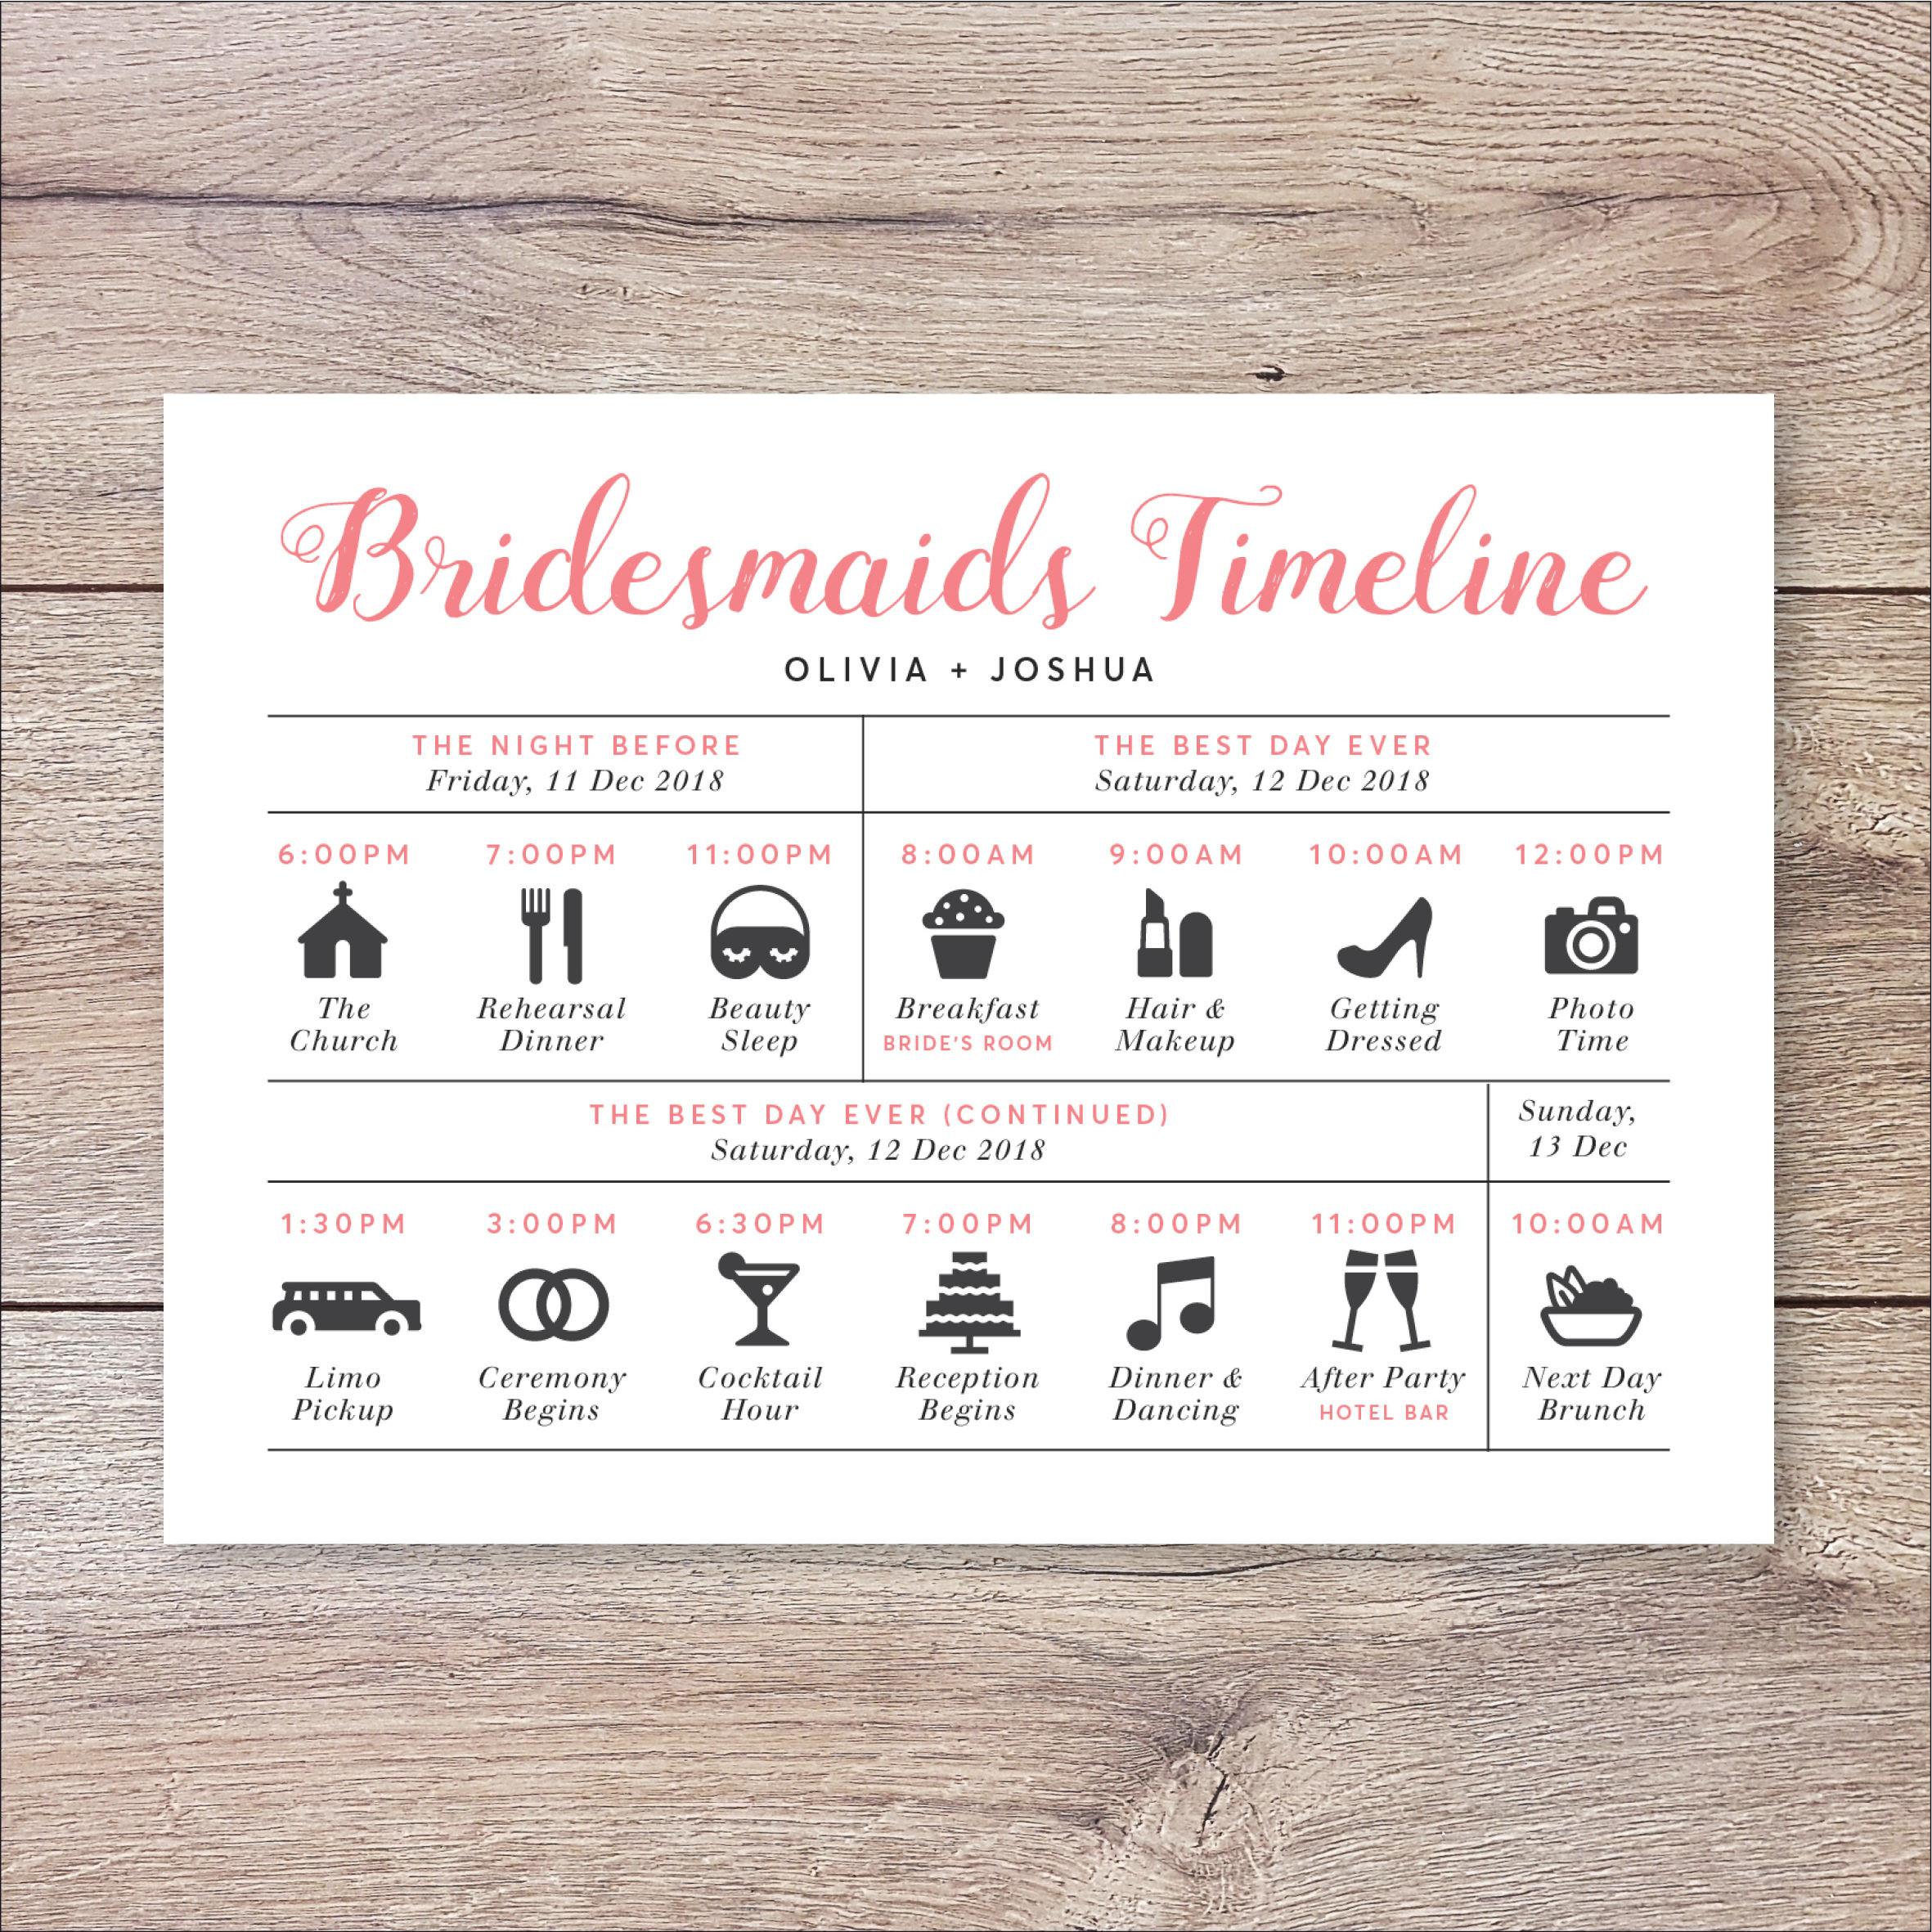 Programm Hochzeit  Brautjungfern Timeline Programm Hochzeit Timeline